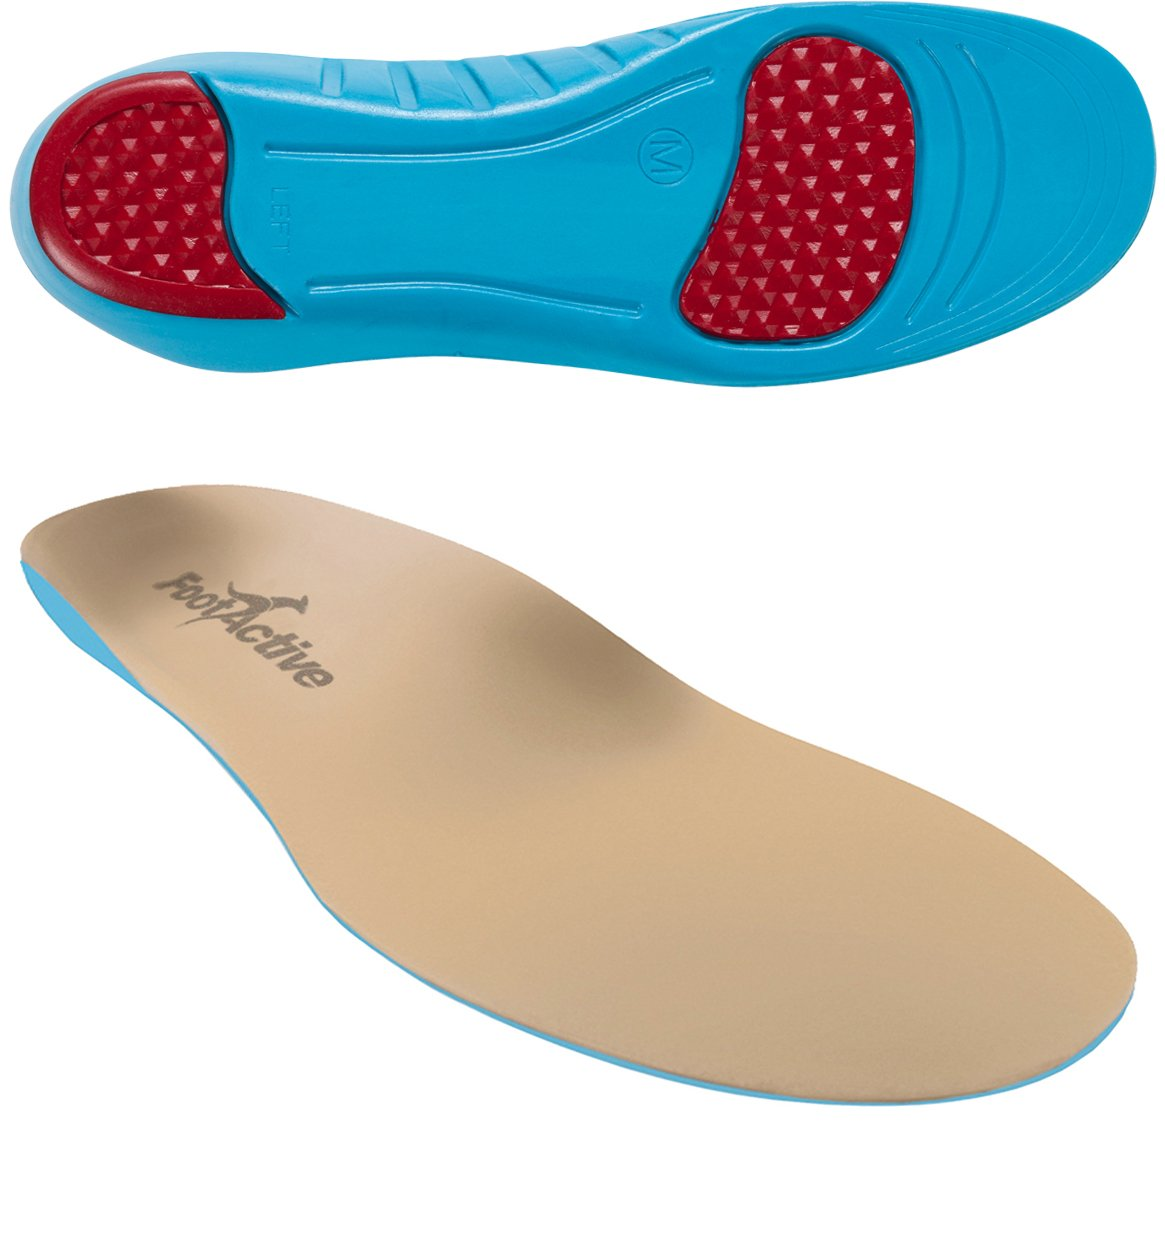 FootActive SENSI - für empfindliche Füße, Diabetes, Arthritis, Fersensporn und Fußprobleme - Herrlich im Winter!